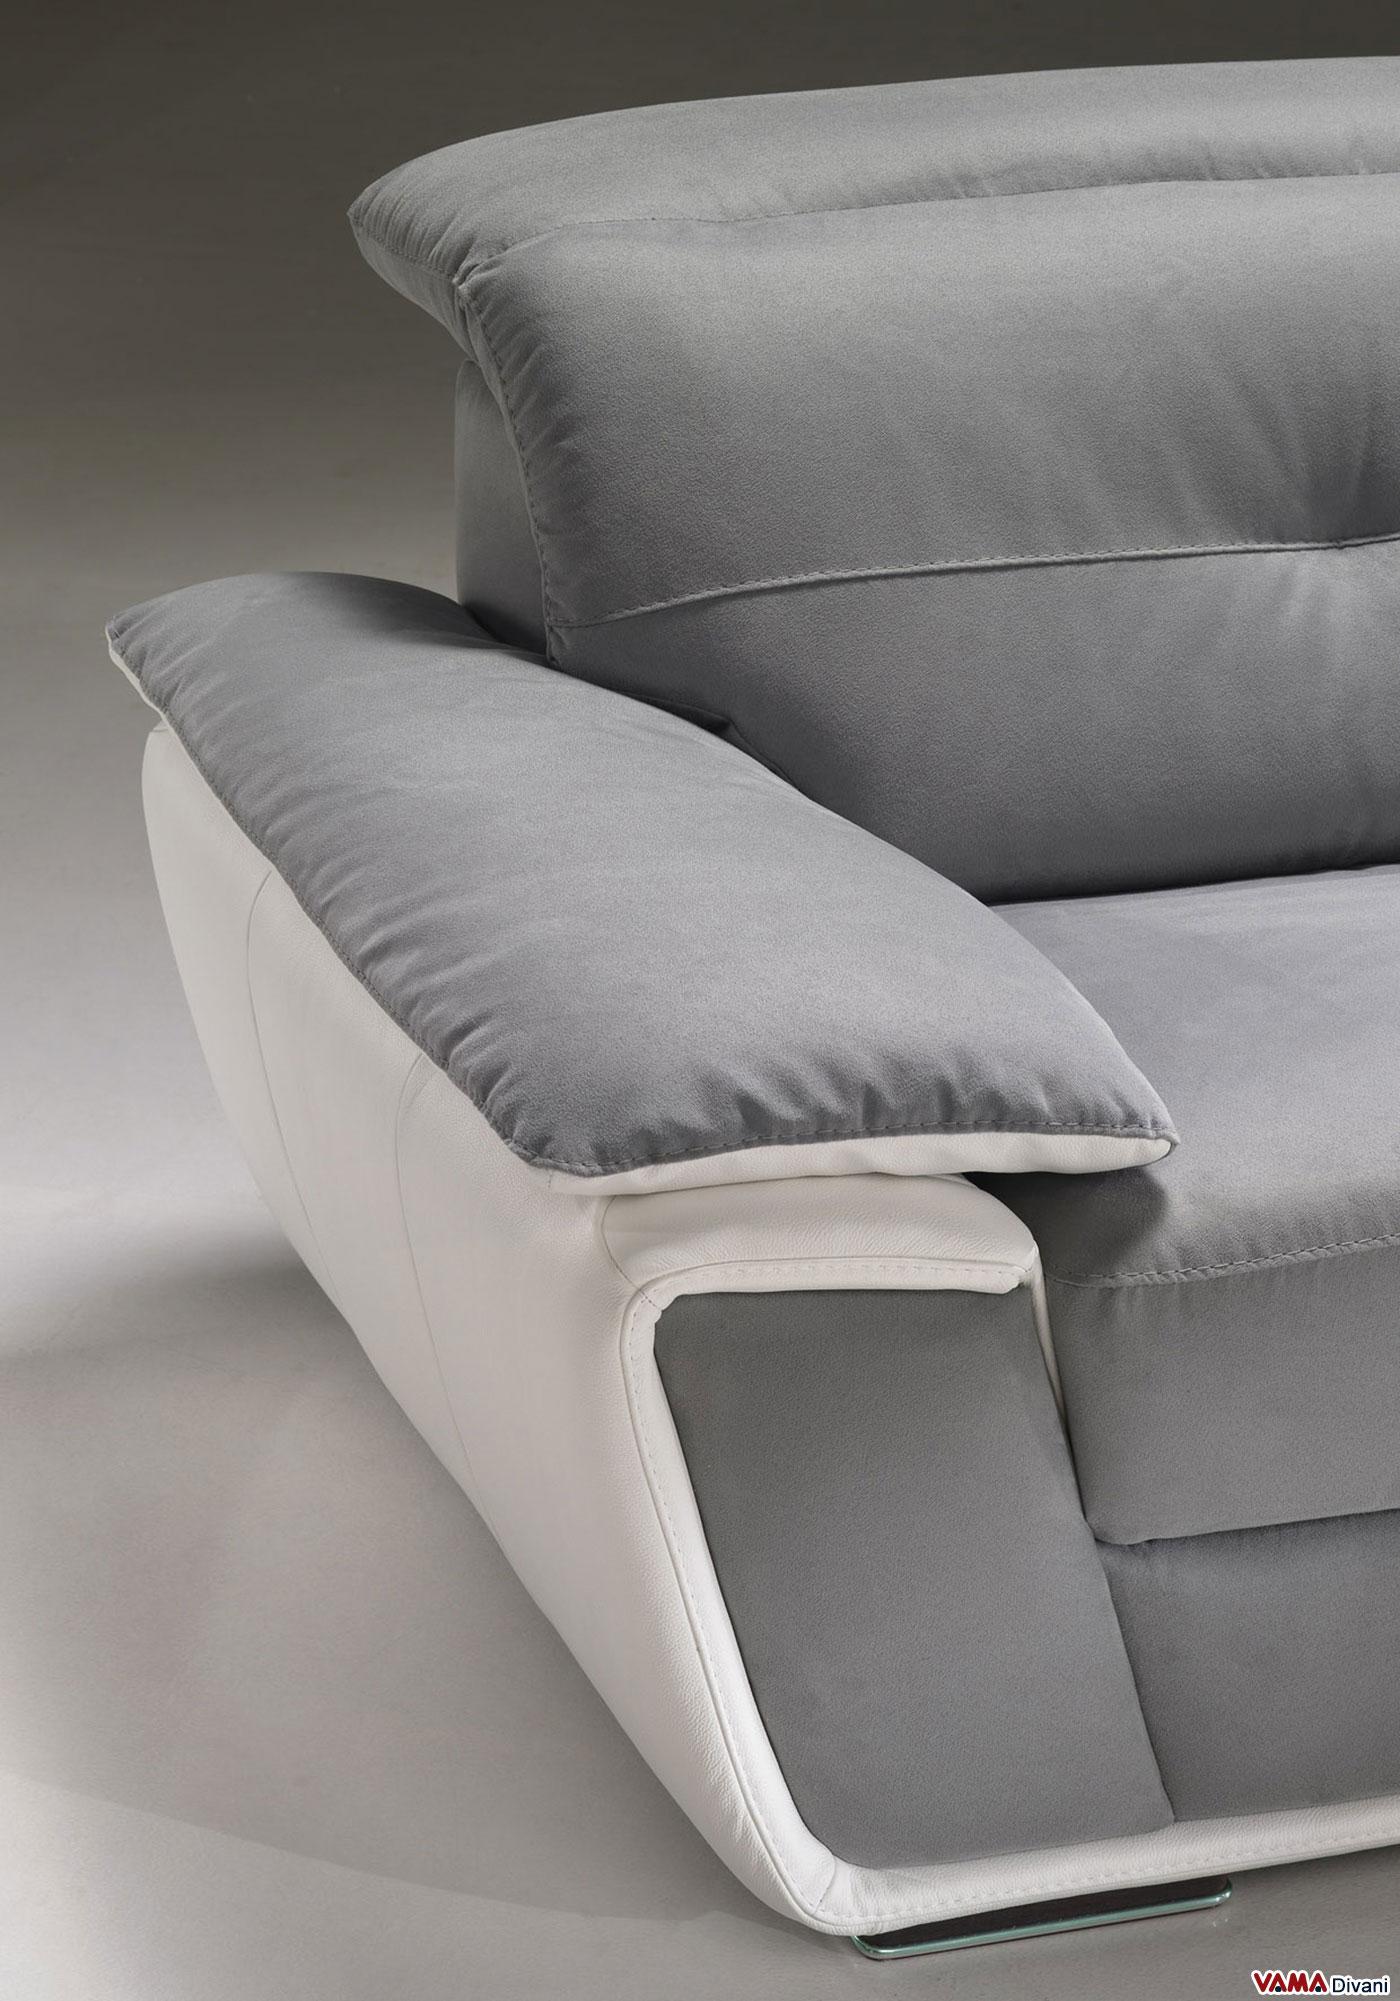 Divano con poggiatesta relax in pelle e microfibra - Prodotti per la pulizia del divano in pelle ...